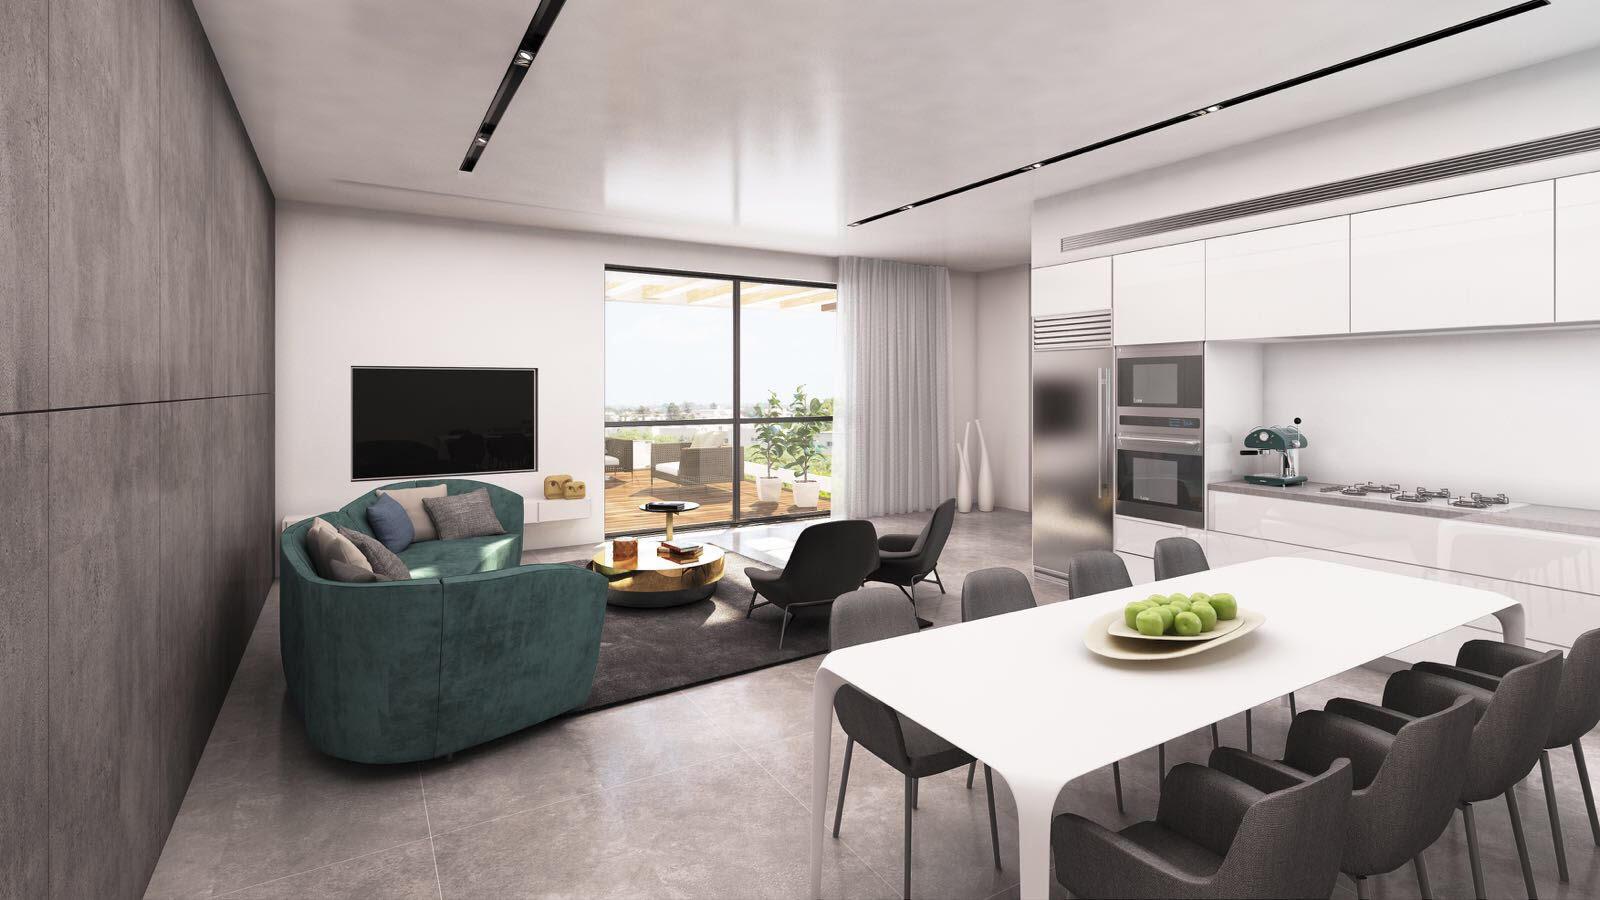 פנטהאוז 5 חדרים חדש מקבלן בקריית מוצקין